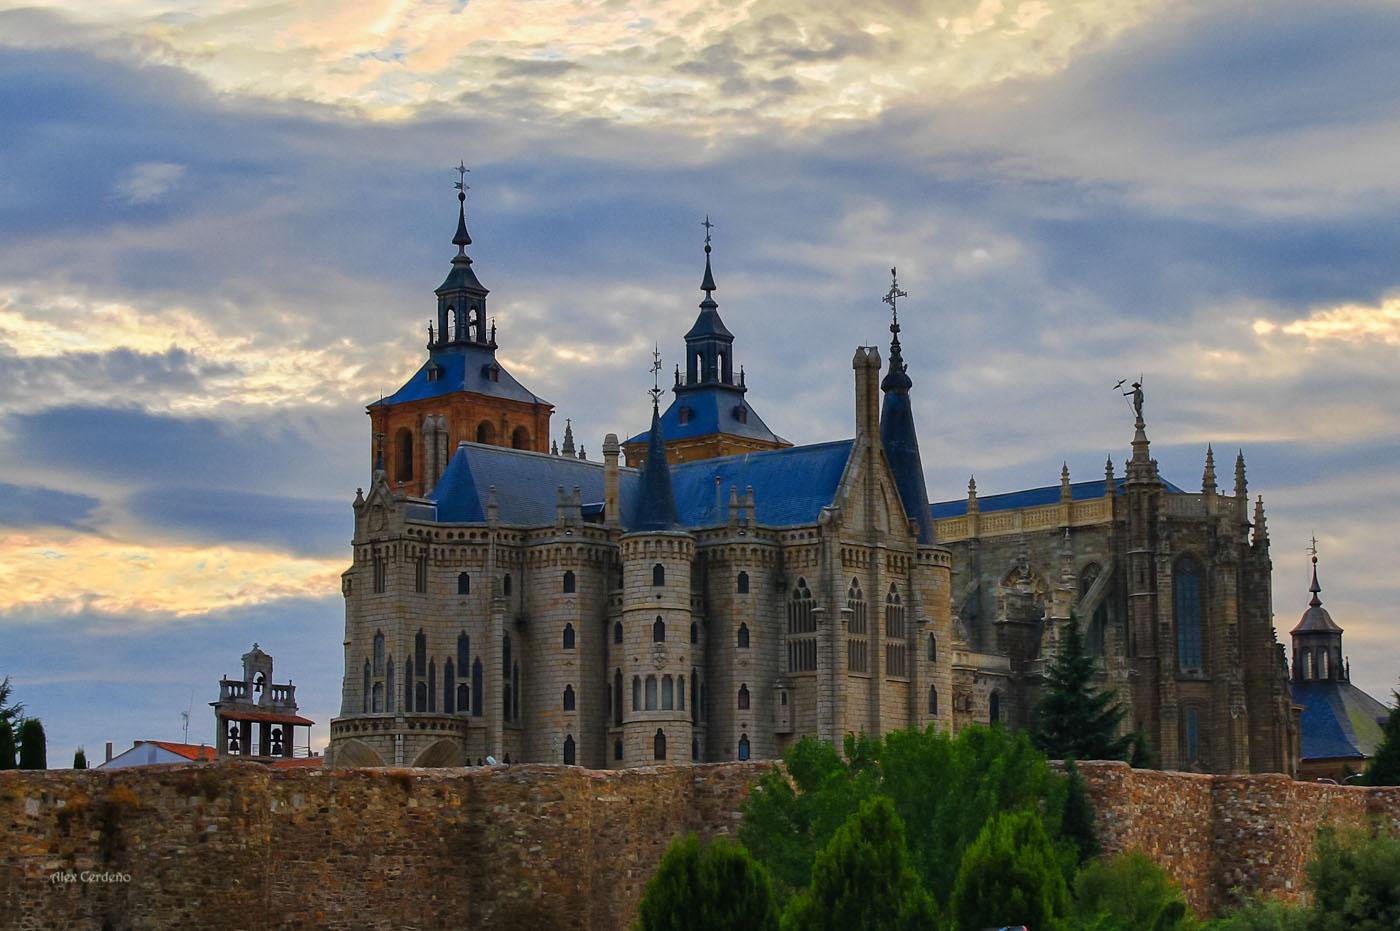 Museo de los caminos y catedral en Astorga